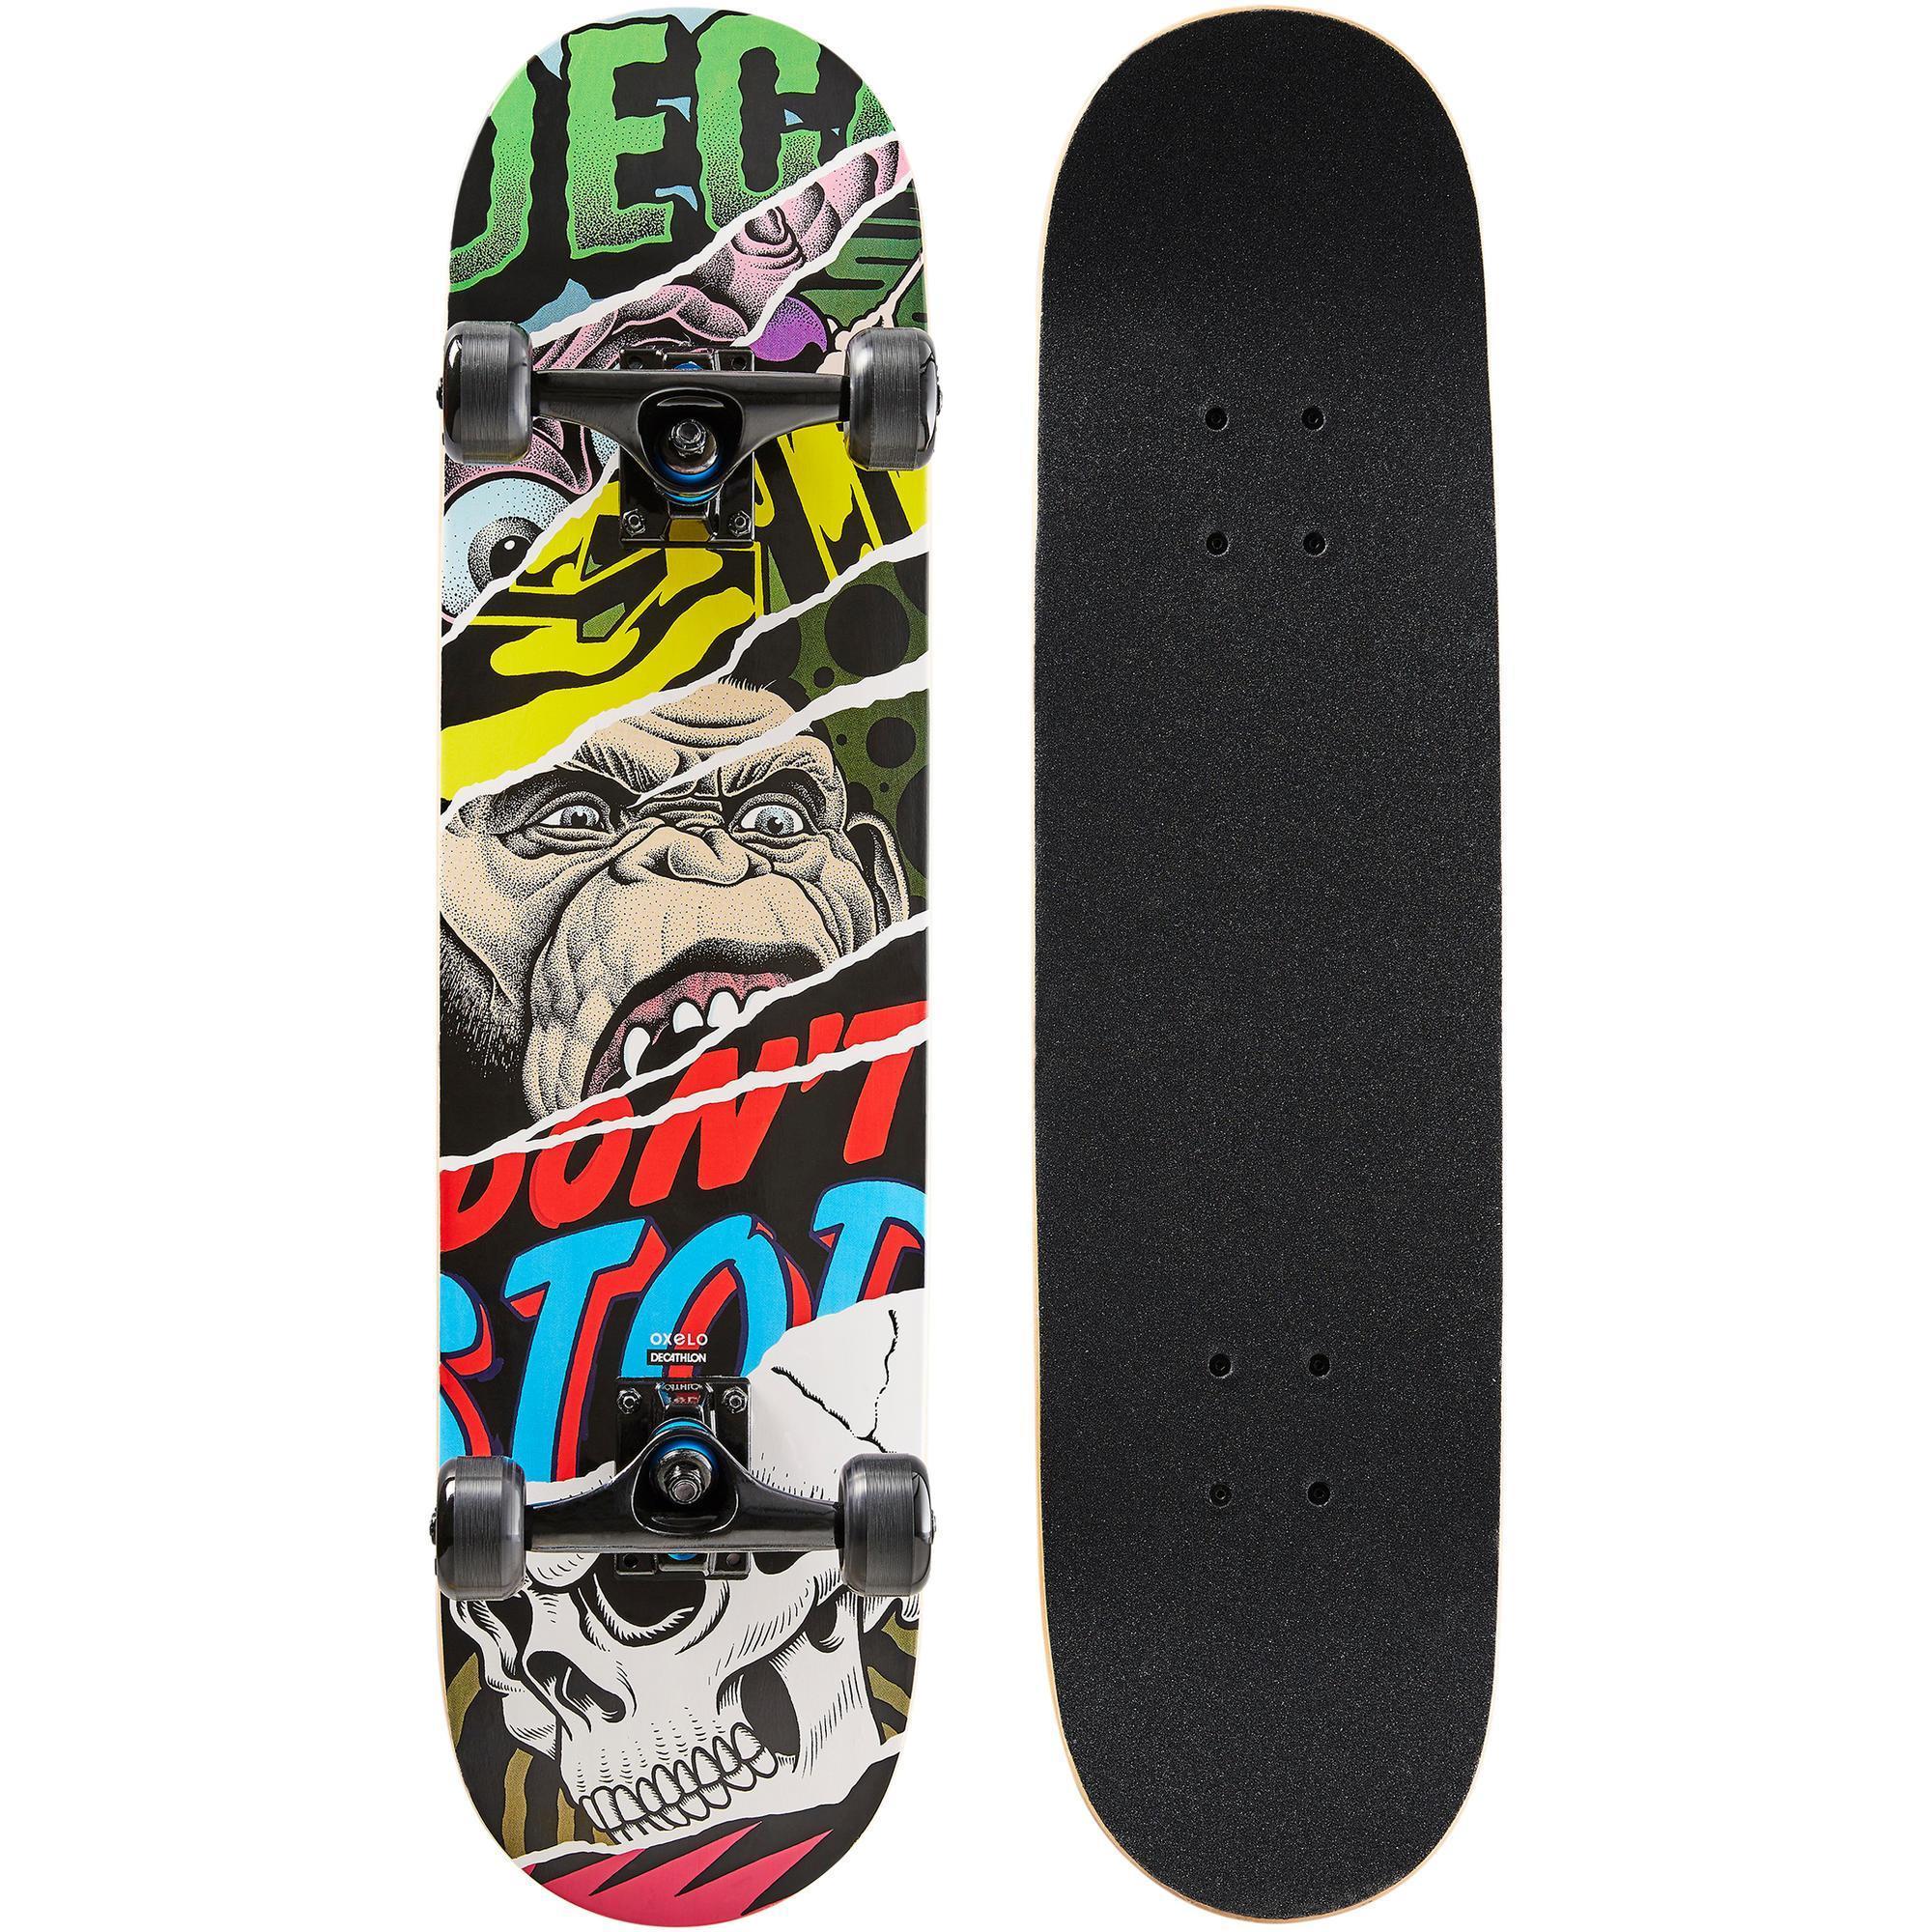 7eac5c989 Comprar Tablas de Skate online